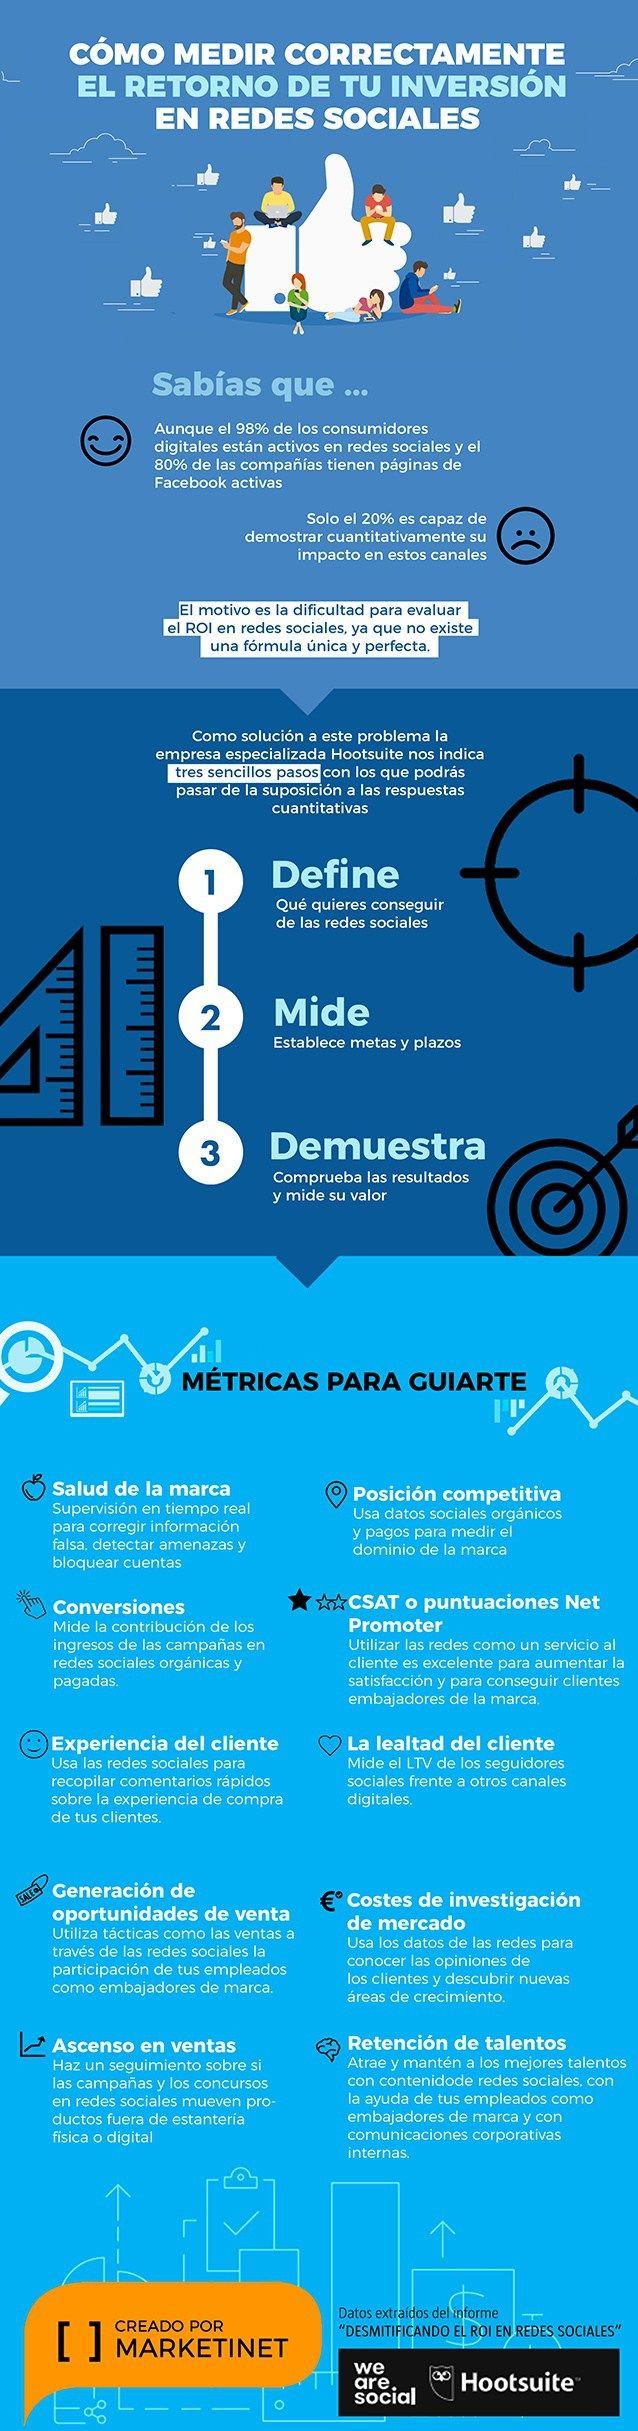 Infografia - Cómo medir correctamente el ROI en Redes Sociales #infografia #socialmedia - TICs y Formación